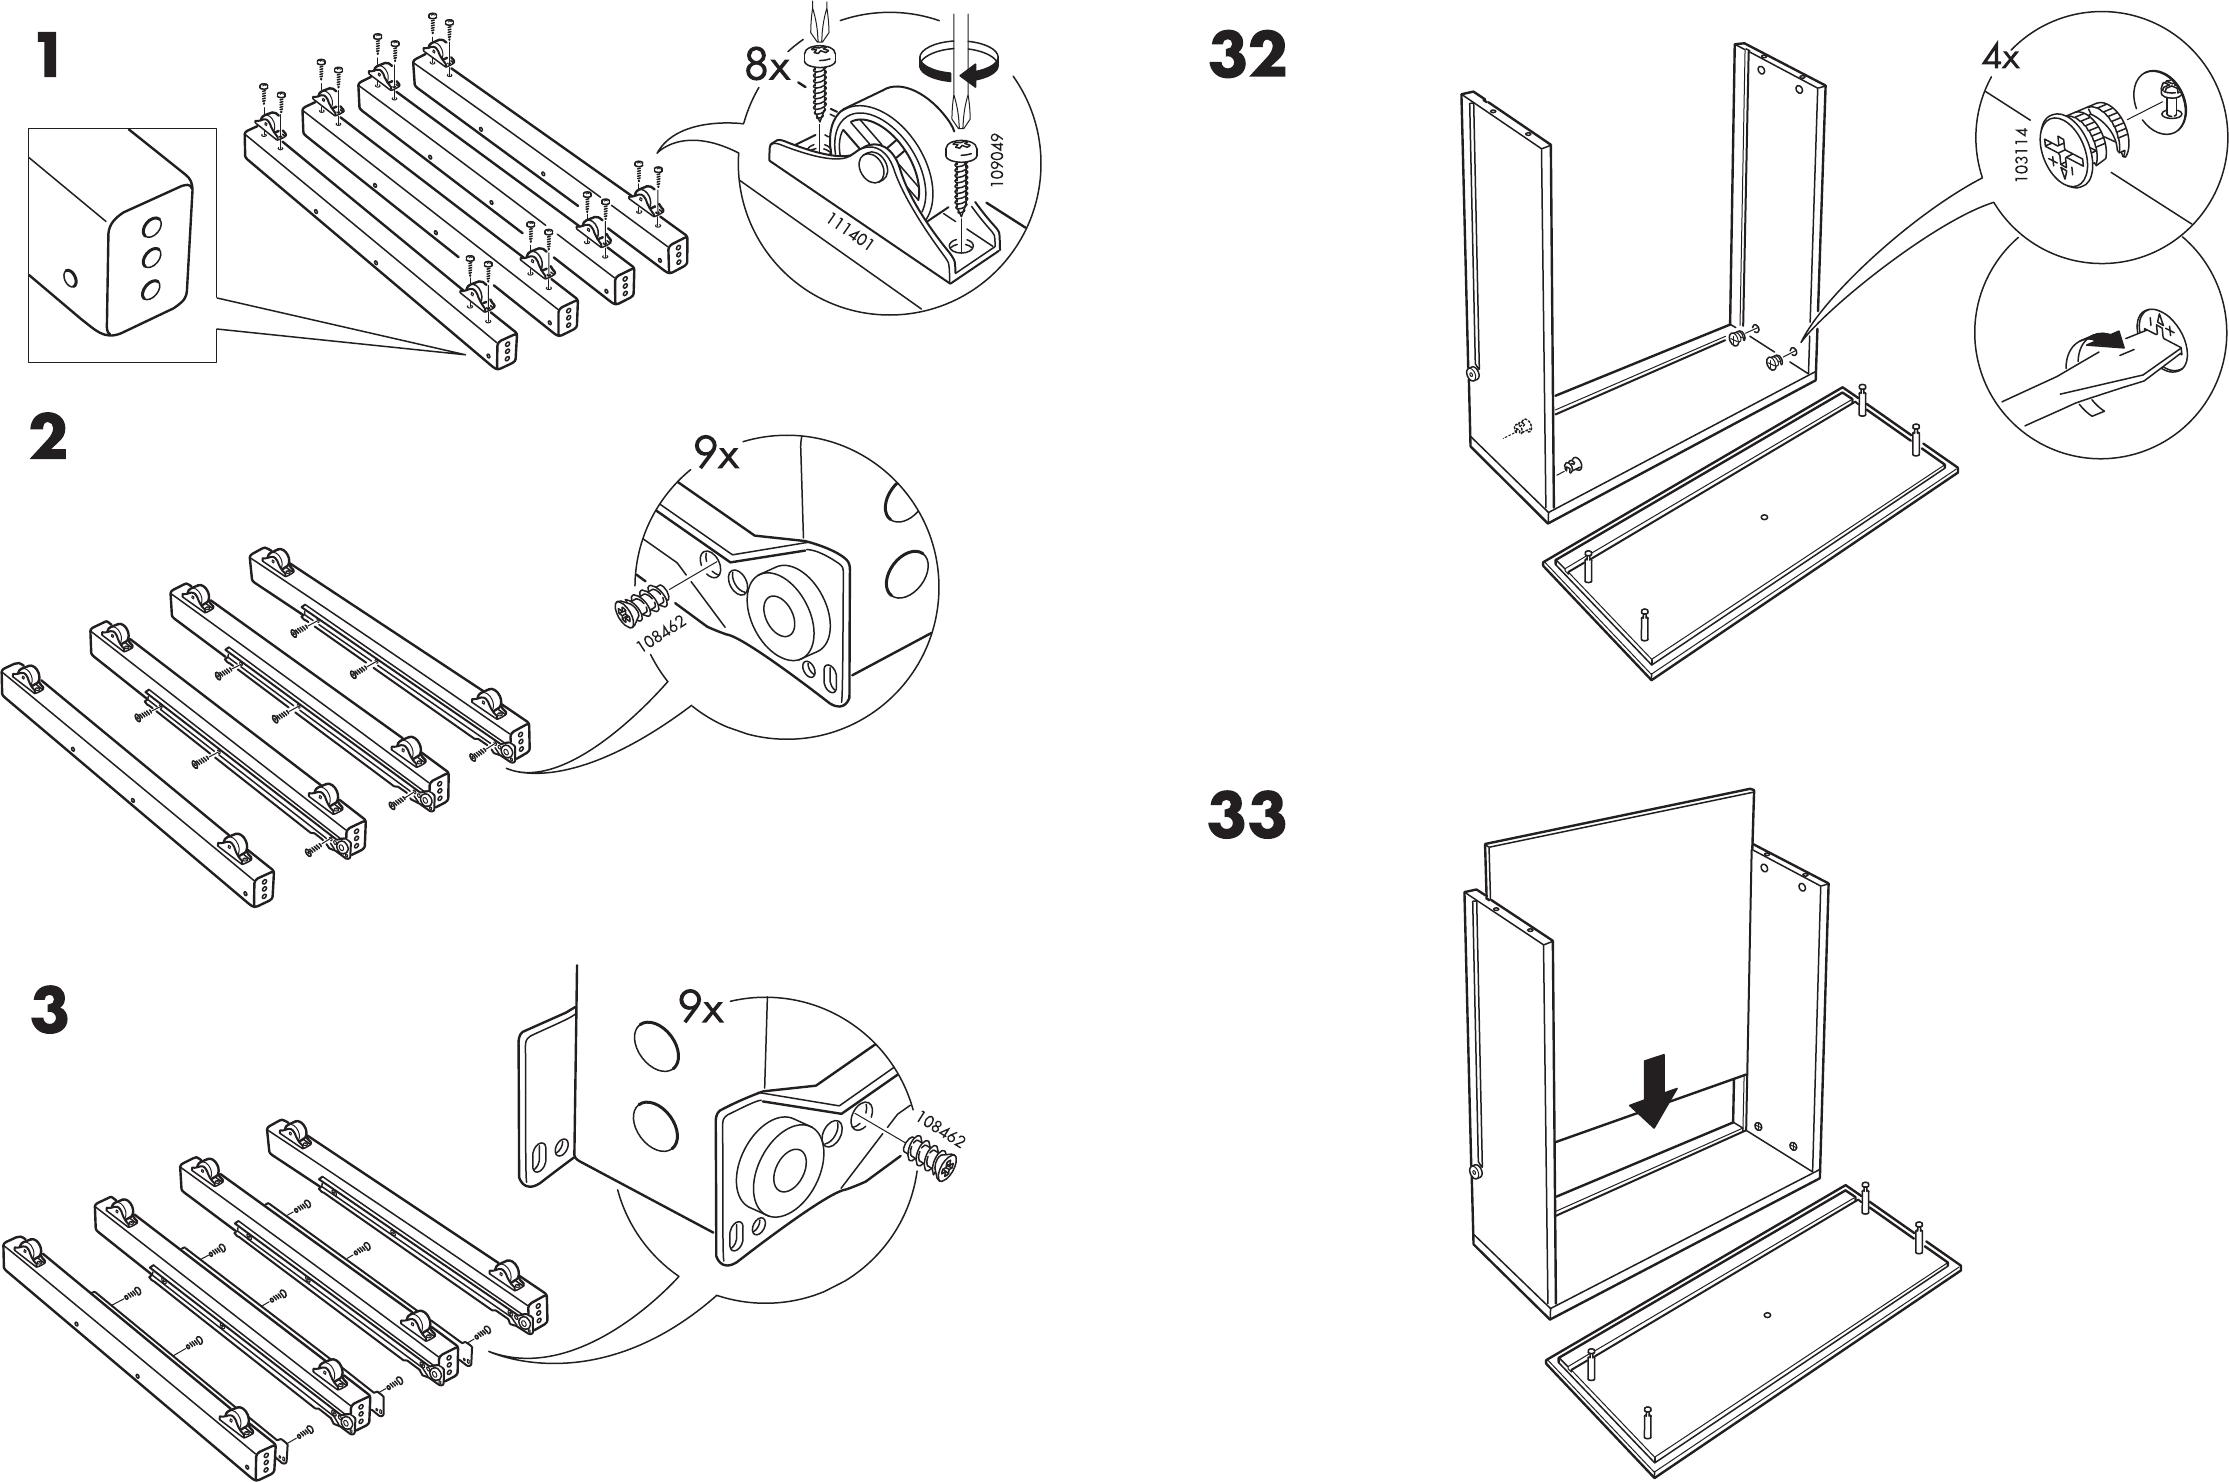 Hemnes Bedbank Met 3 Lades.Handleiding Ikea Hemnes Bedbank Pagina 7 Van 12 Dansk Deutsch